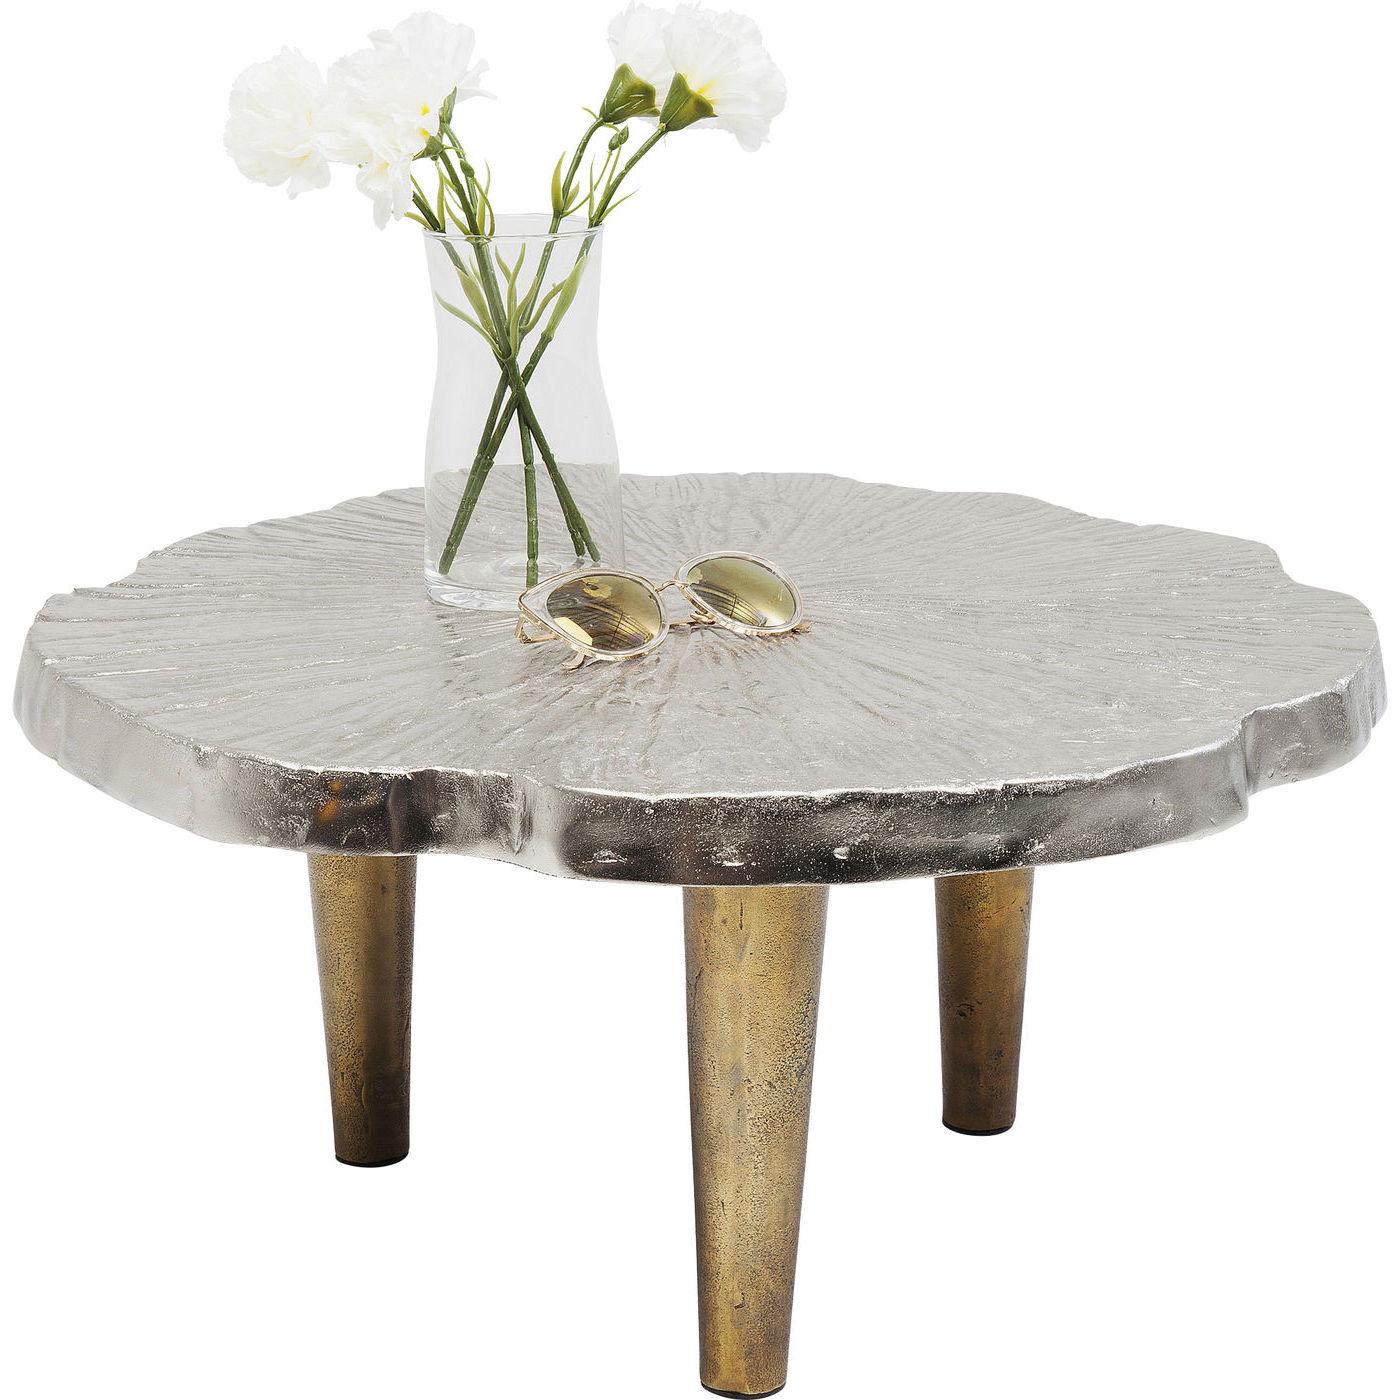 Kare design valley sofabord - sølv/messing aluminium, rundt (ø61) fra kare design fra boboonline.dk